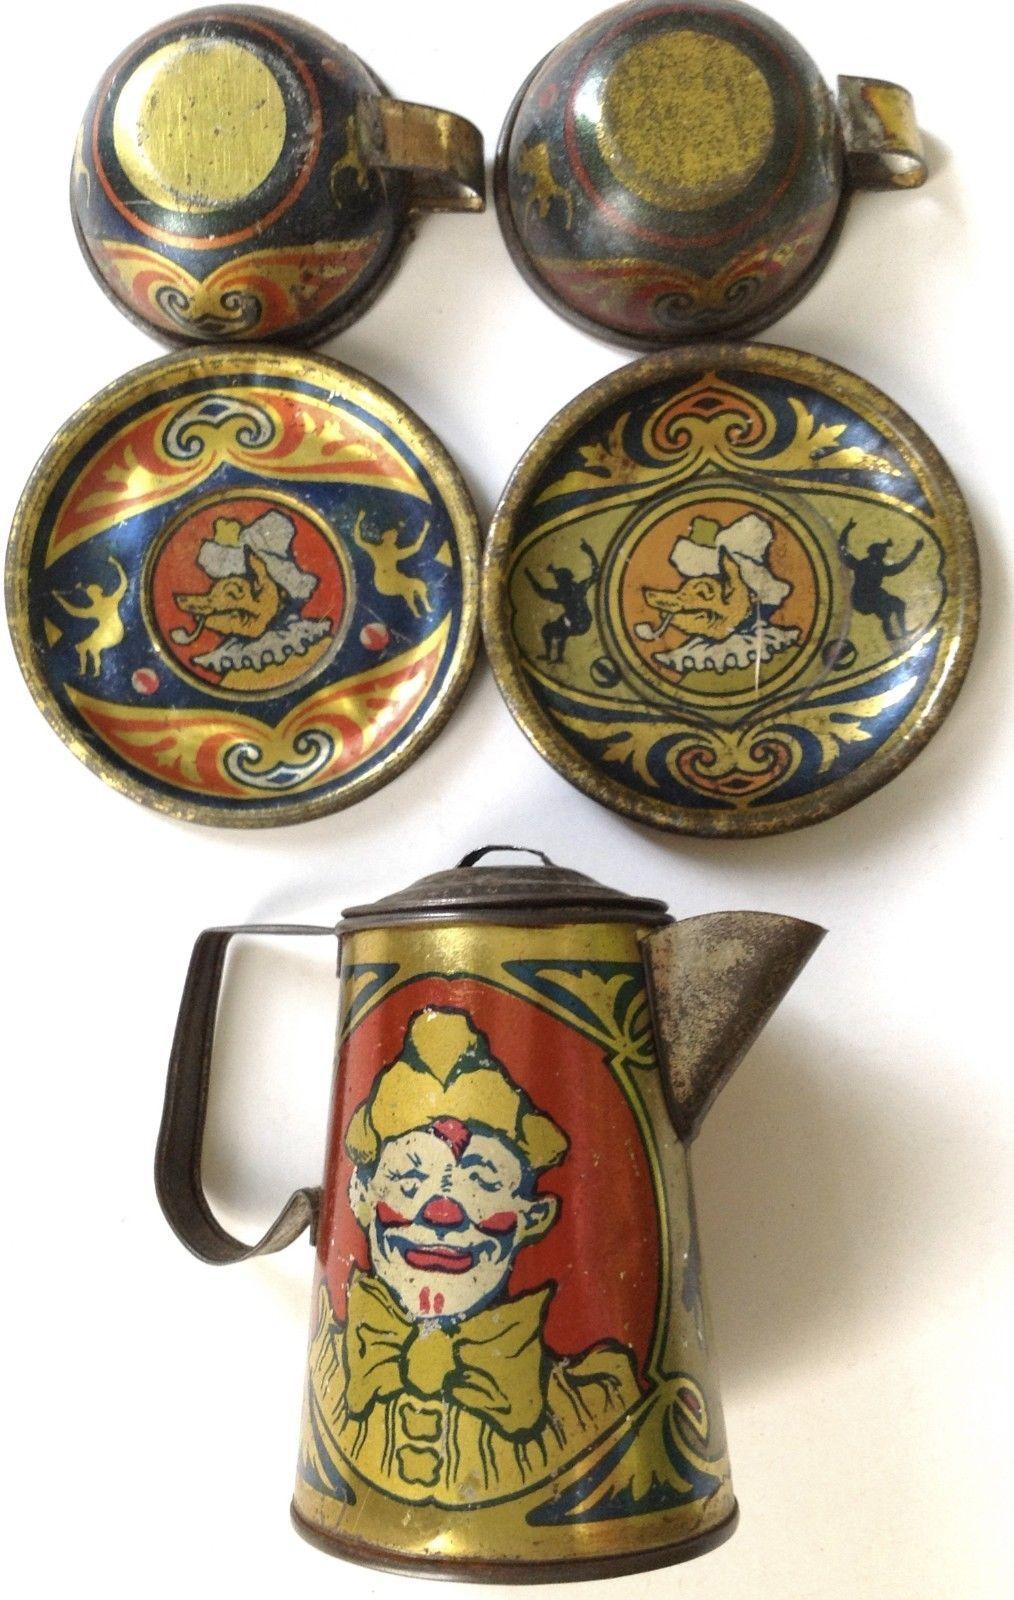 Antique 1923 Kiddies Metal Toys Tin Litho Toy Tea Set